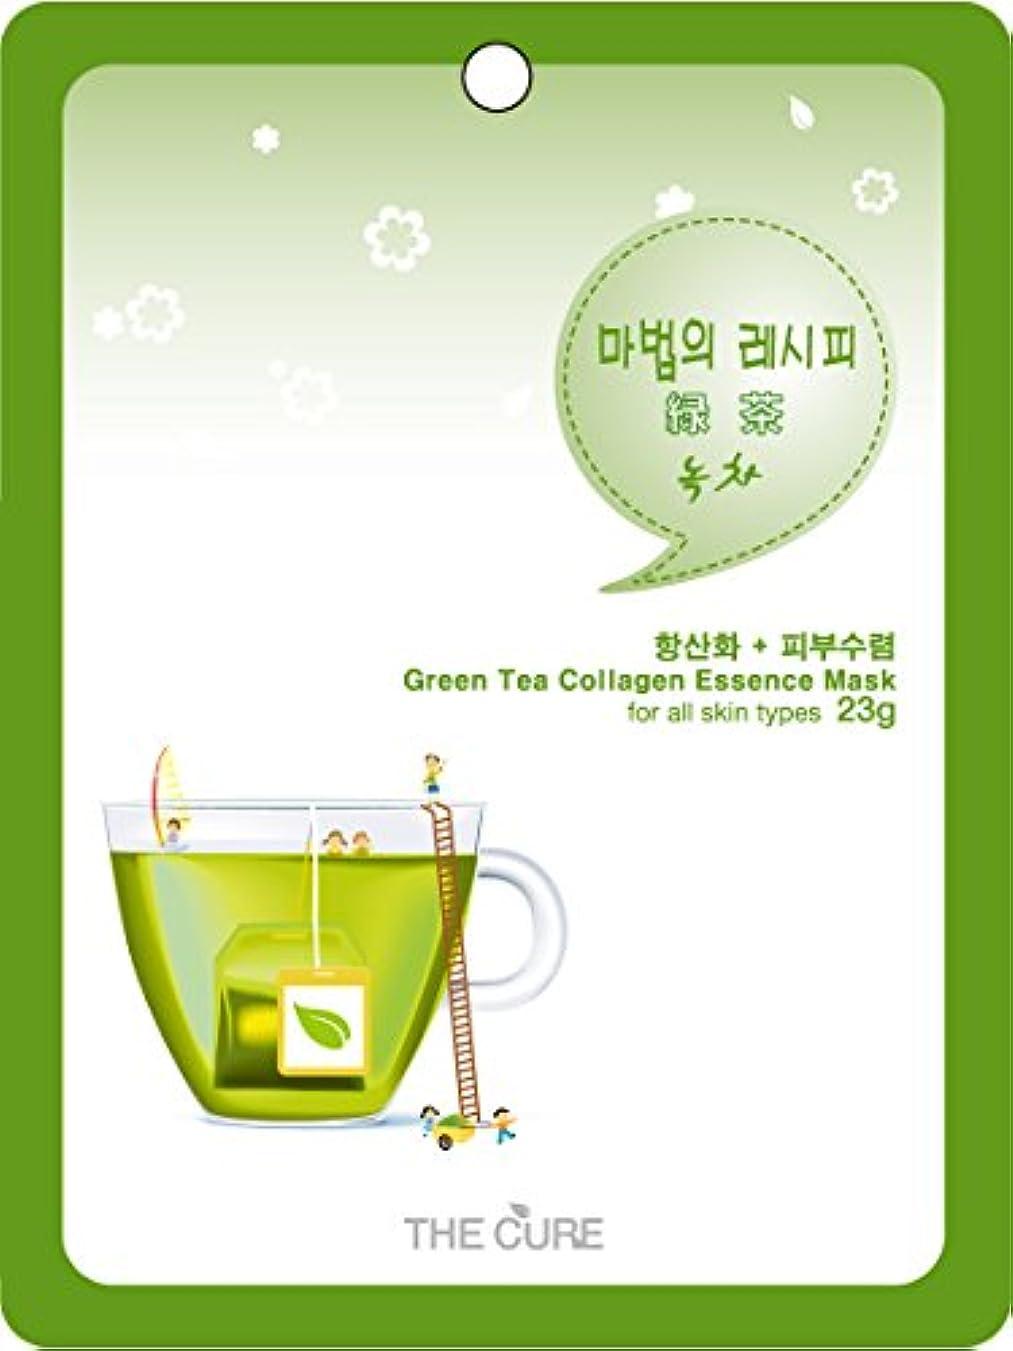 白雪姫ある制限緑茶 コラーゲン エッセンス マスク THE CURE シート パック 100枚セット 韓国 コスメ 乾燥肌 オイリー肌 混合肌